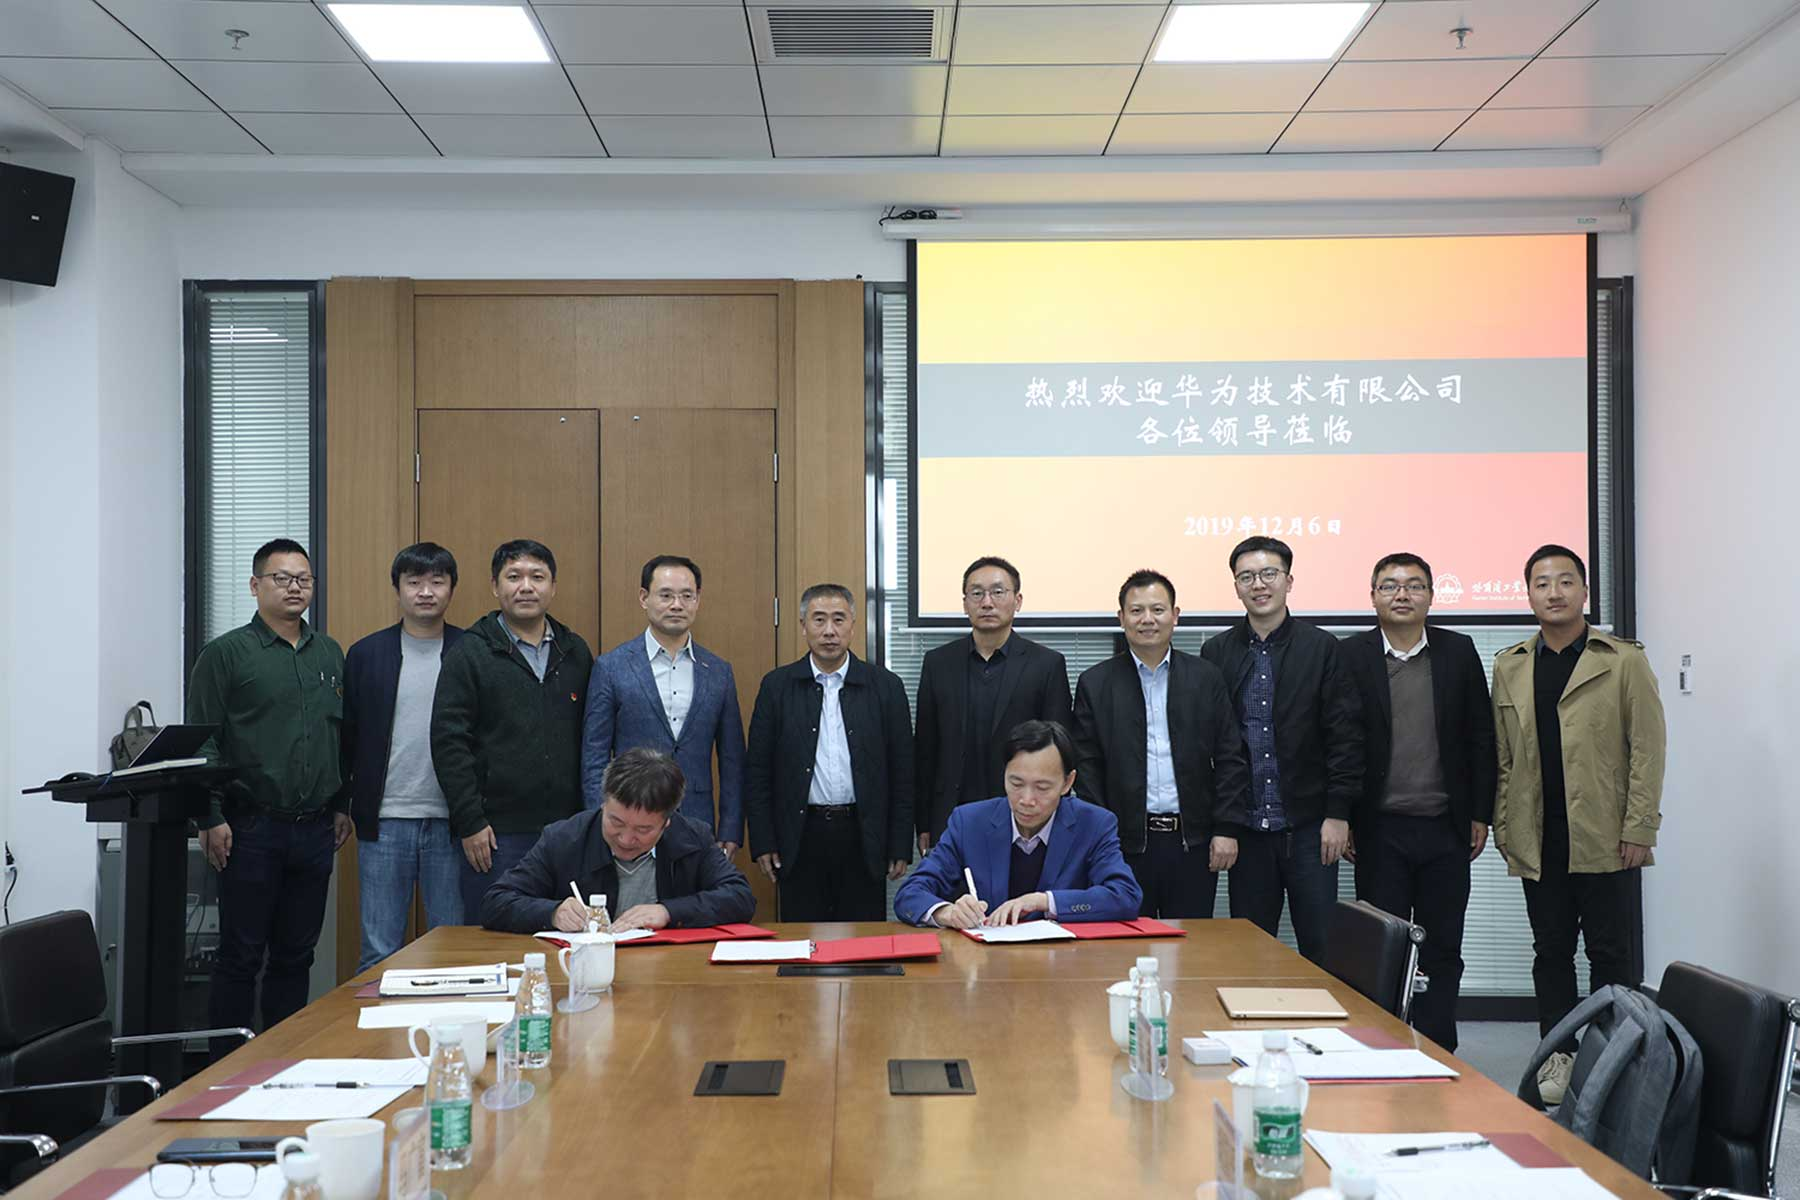 哈工大(深圳)与华为共建应届生联合实习基地,携手促双赢